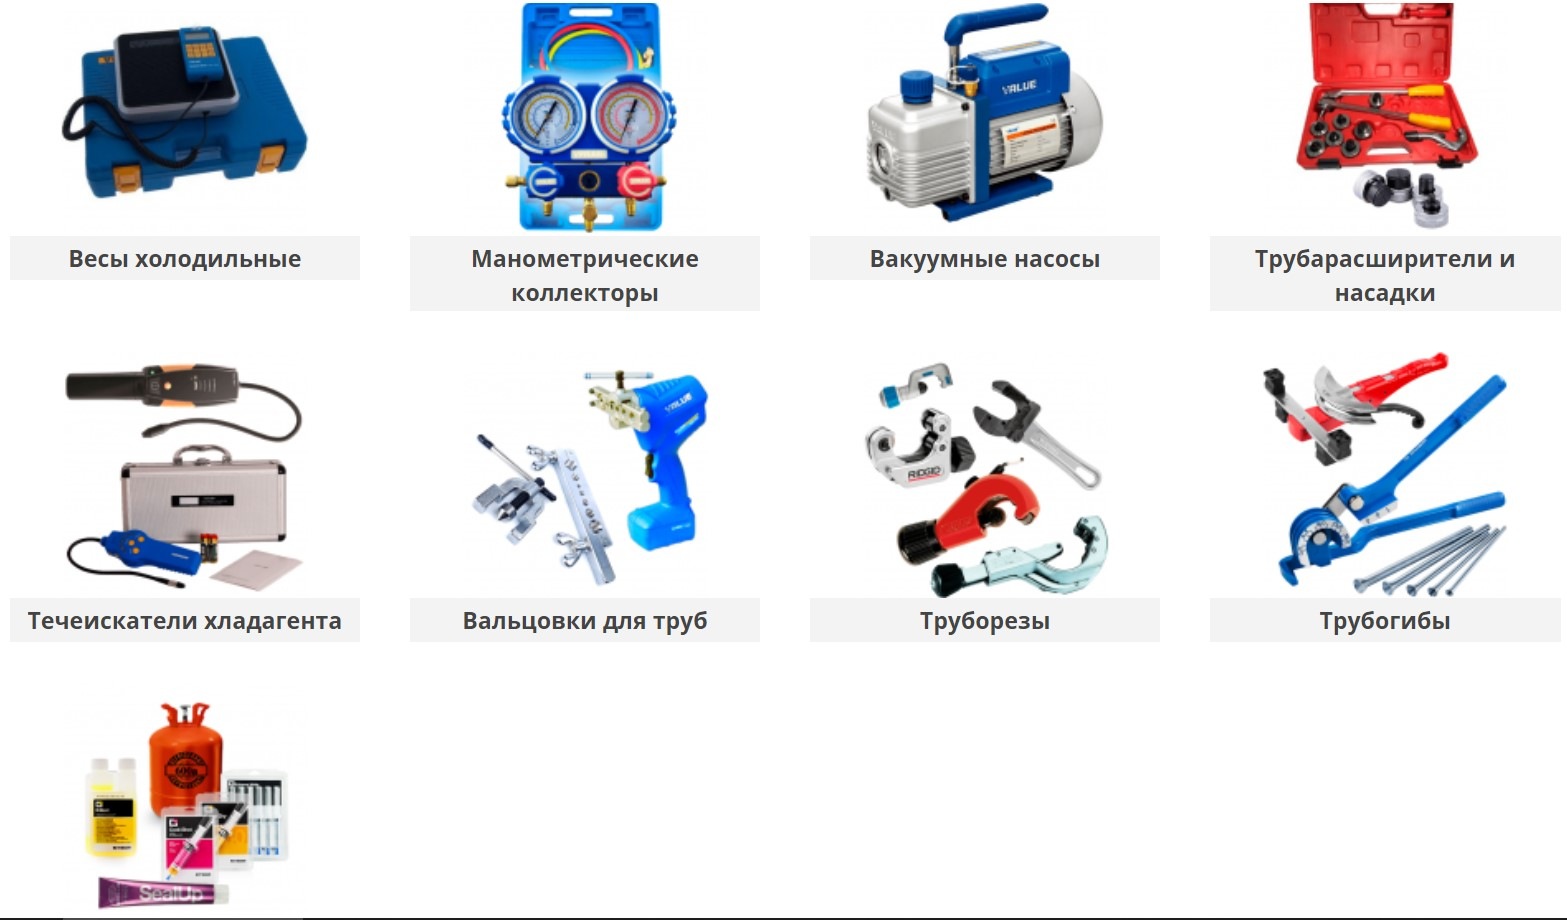 Цена на оборудование для ремонта холодильников